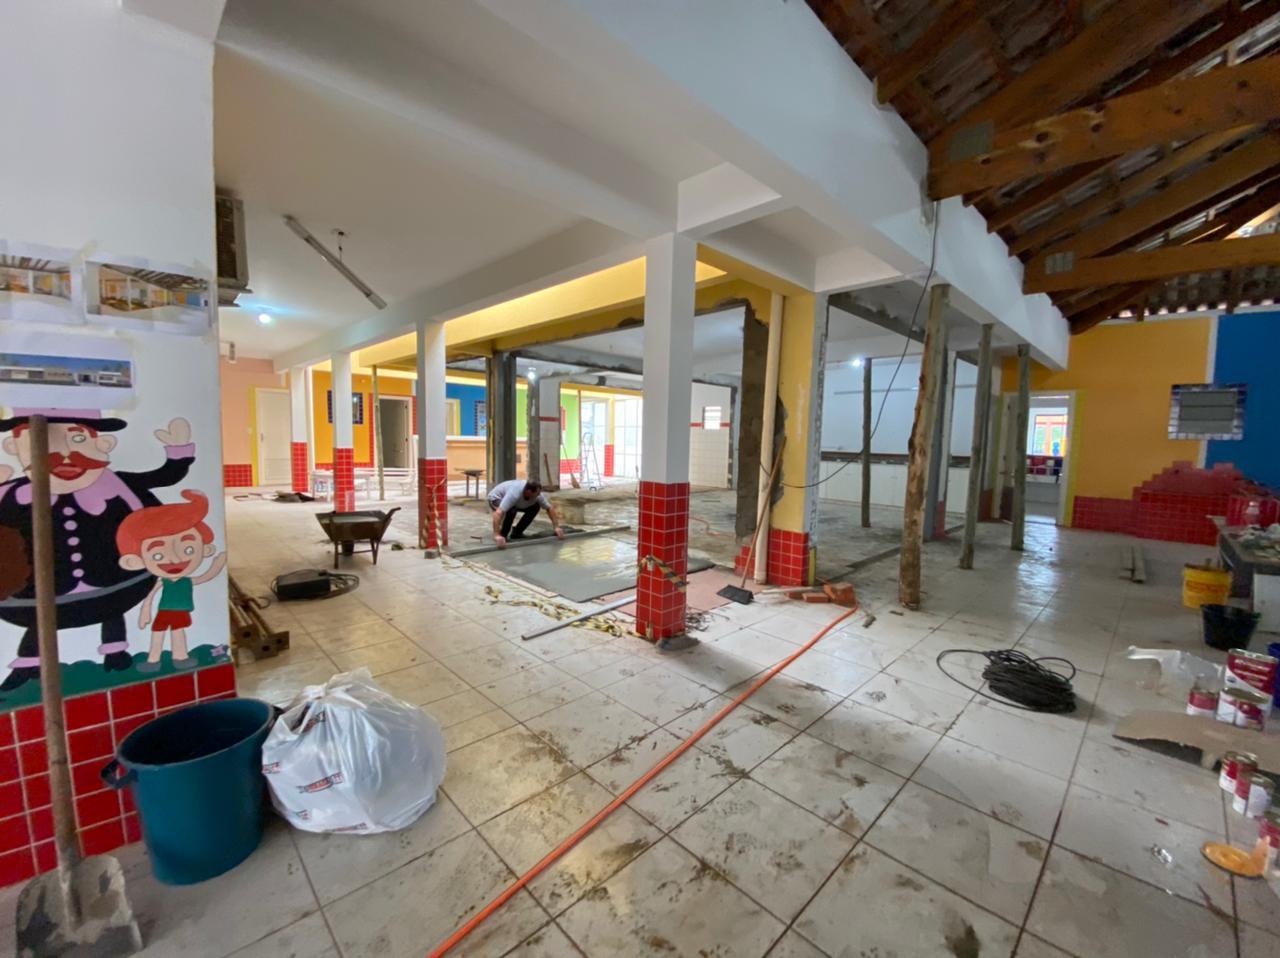 Local onde aconteceu a chacina será um espaço de lazer - Willian Ricardo/ND